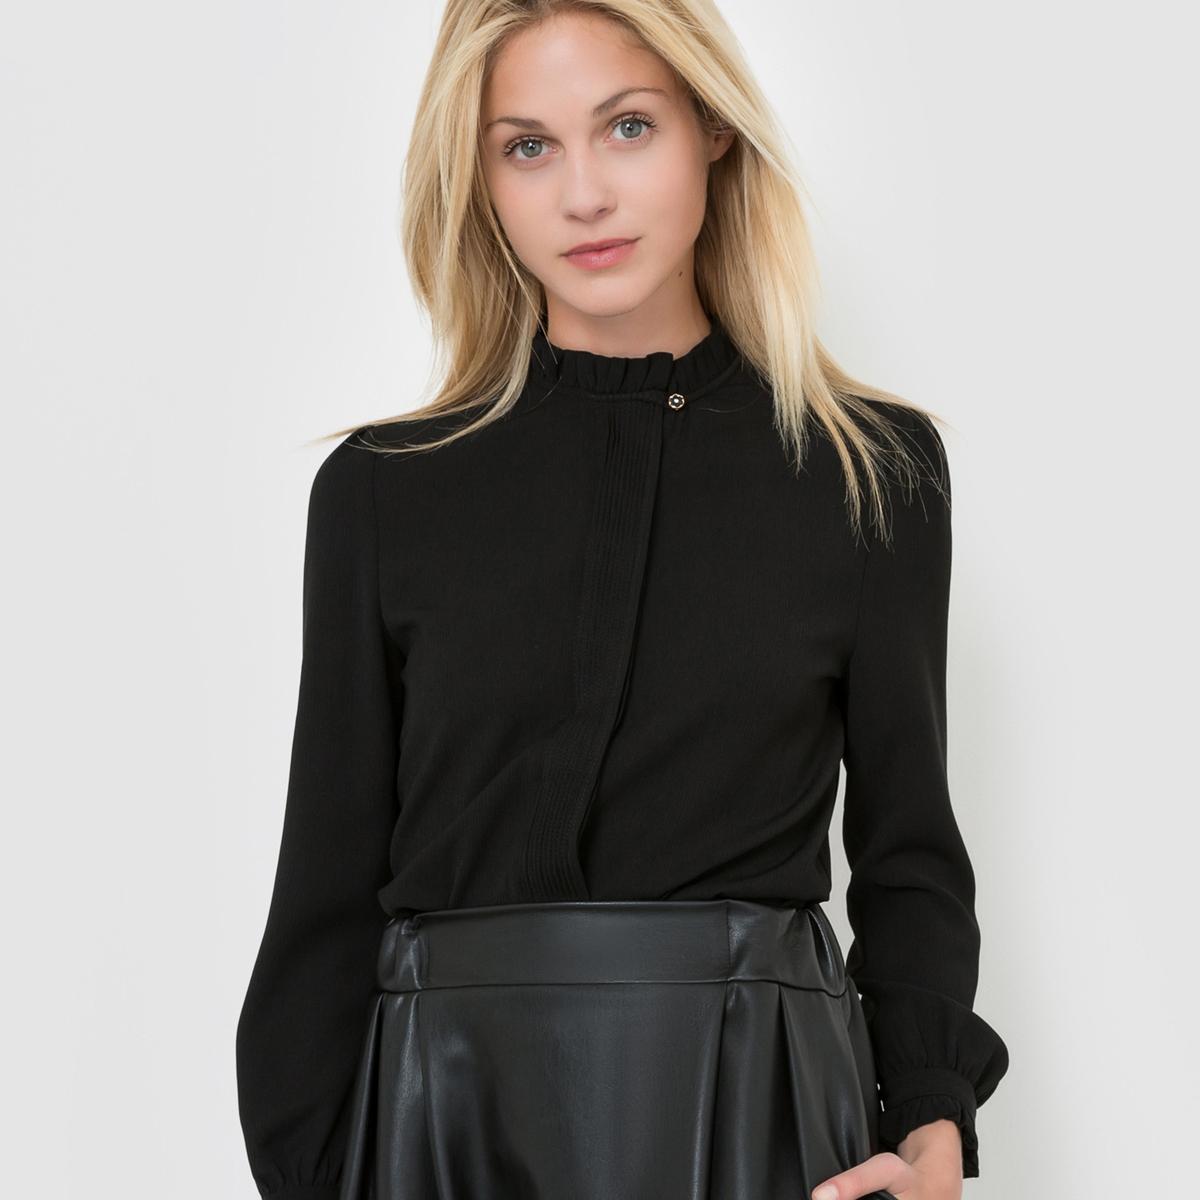 Блузка с воротником-стойка и длинными рукавамиСостав и описаниеМарка : MOLLY BRACKEN.Материал : 100% полиэстерУходМашинная стирка при 30 °C   Стирать с вещами схожих цветов<br><br>Цвет: черный